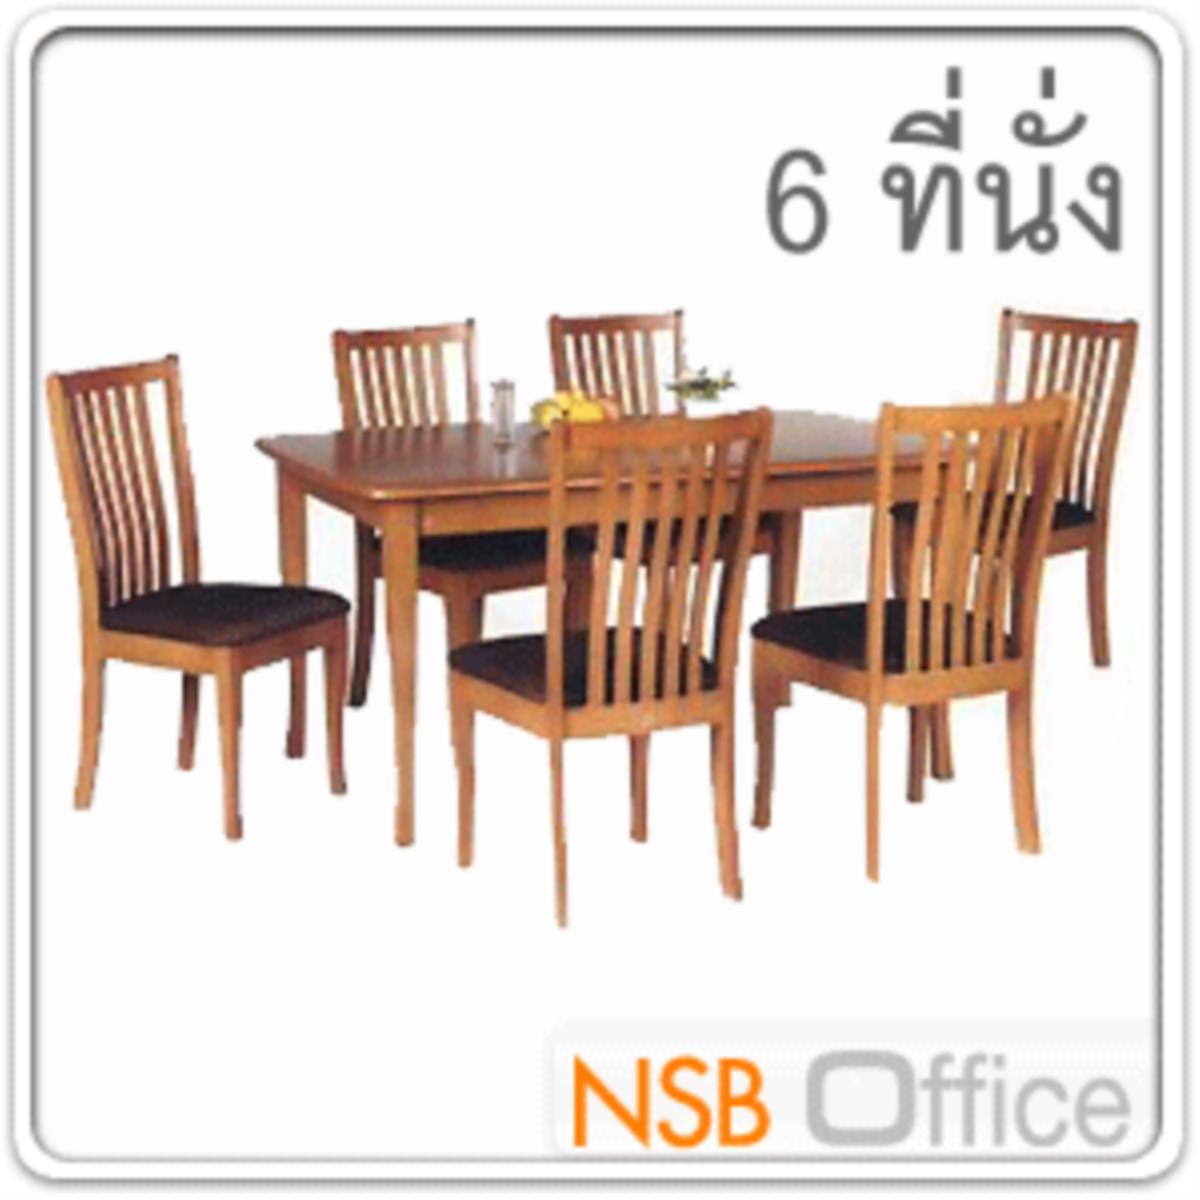 ชุดโต๊ะรับประทานอาหารโฟเมก้าลายไม้ 6 ที่นั่ง รุ่น SUNNY-18 ขนาด 150W cm. พร้อมเก้าอี้